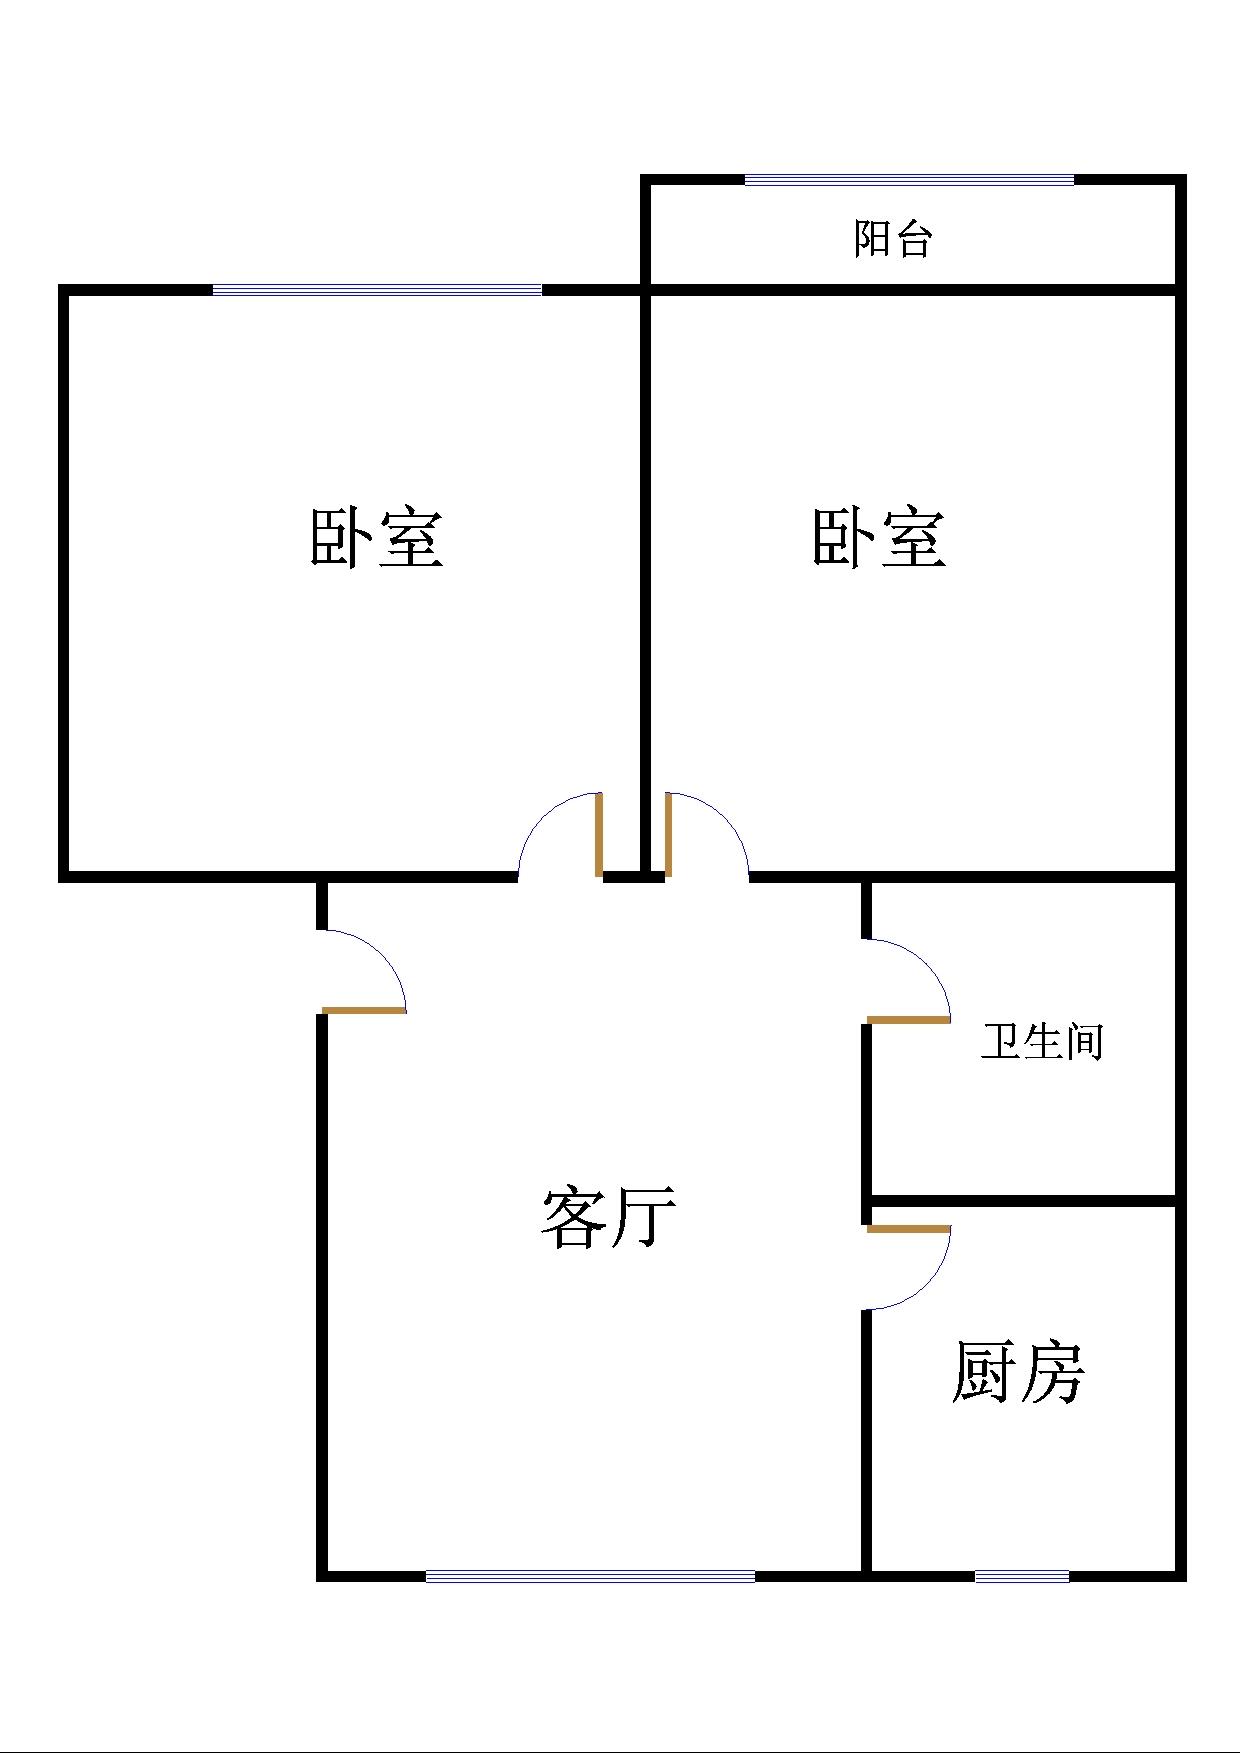 湘江小区北区 2室1厅  简装 75万